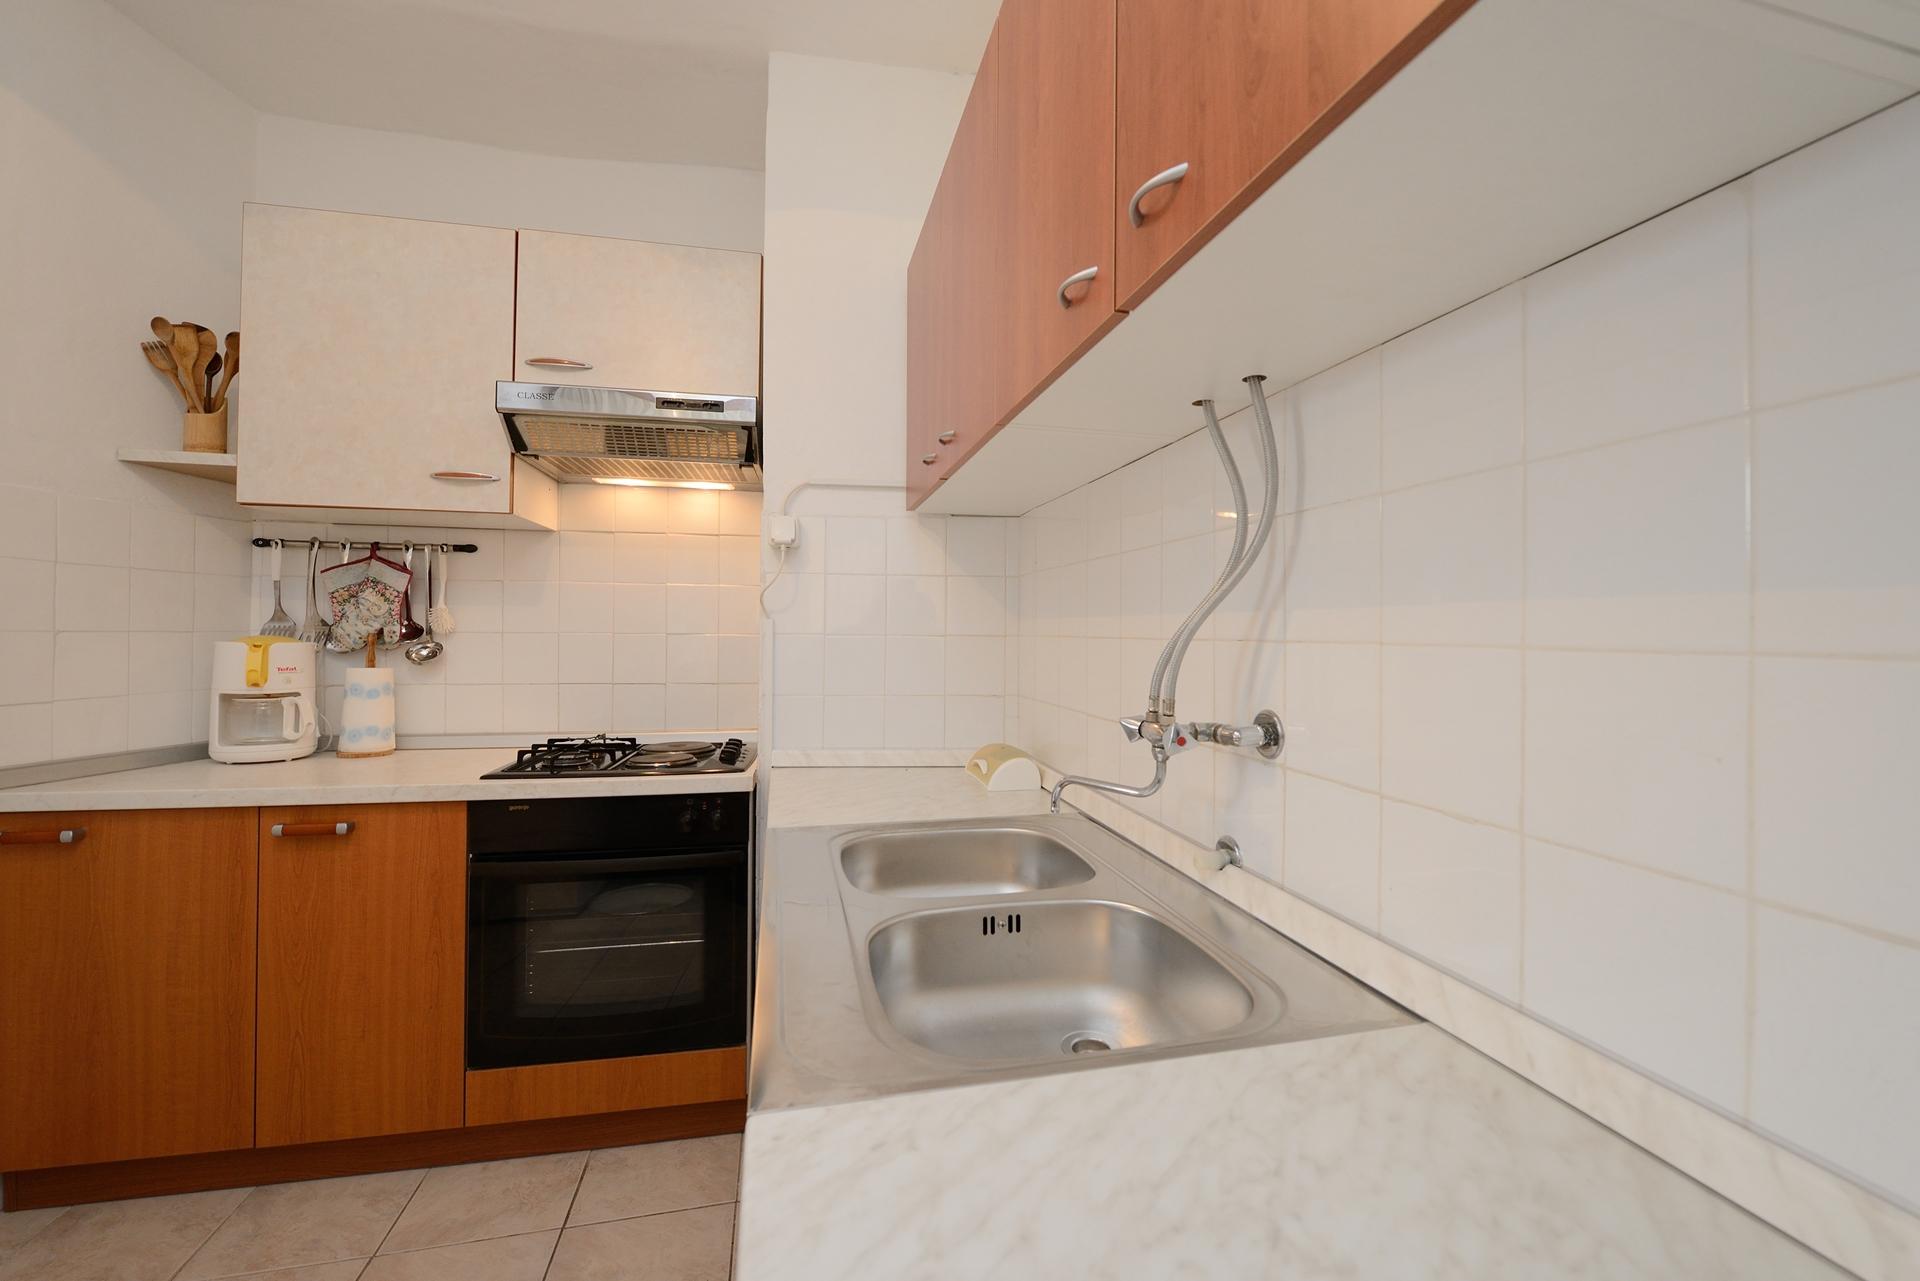 Martin - Lukoran - Vakantiehuizen, villa´s Kroatië - H(8): keuken